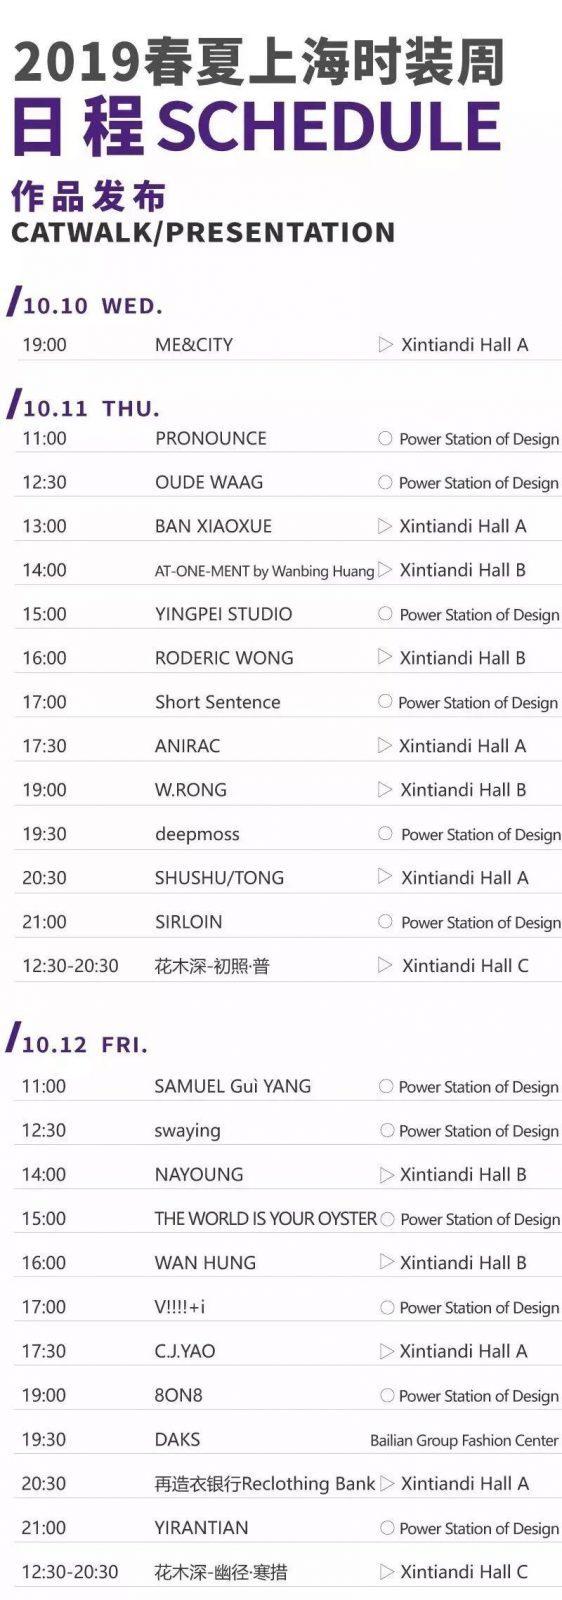 SHFW Schedule